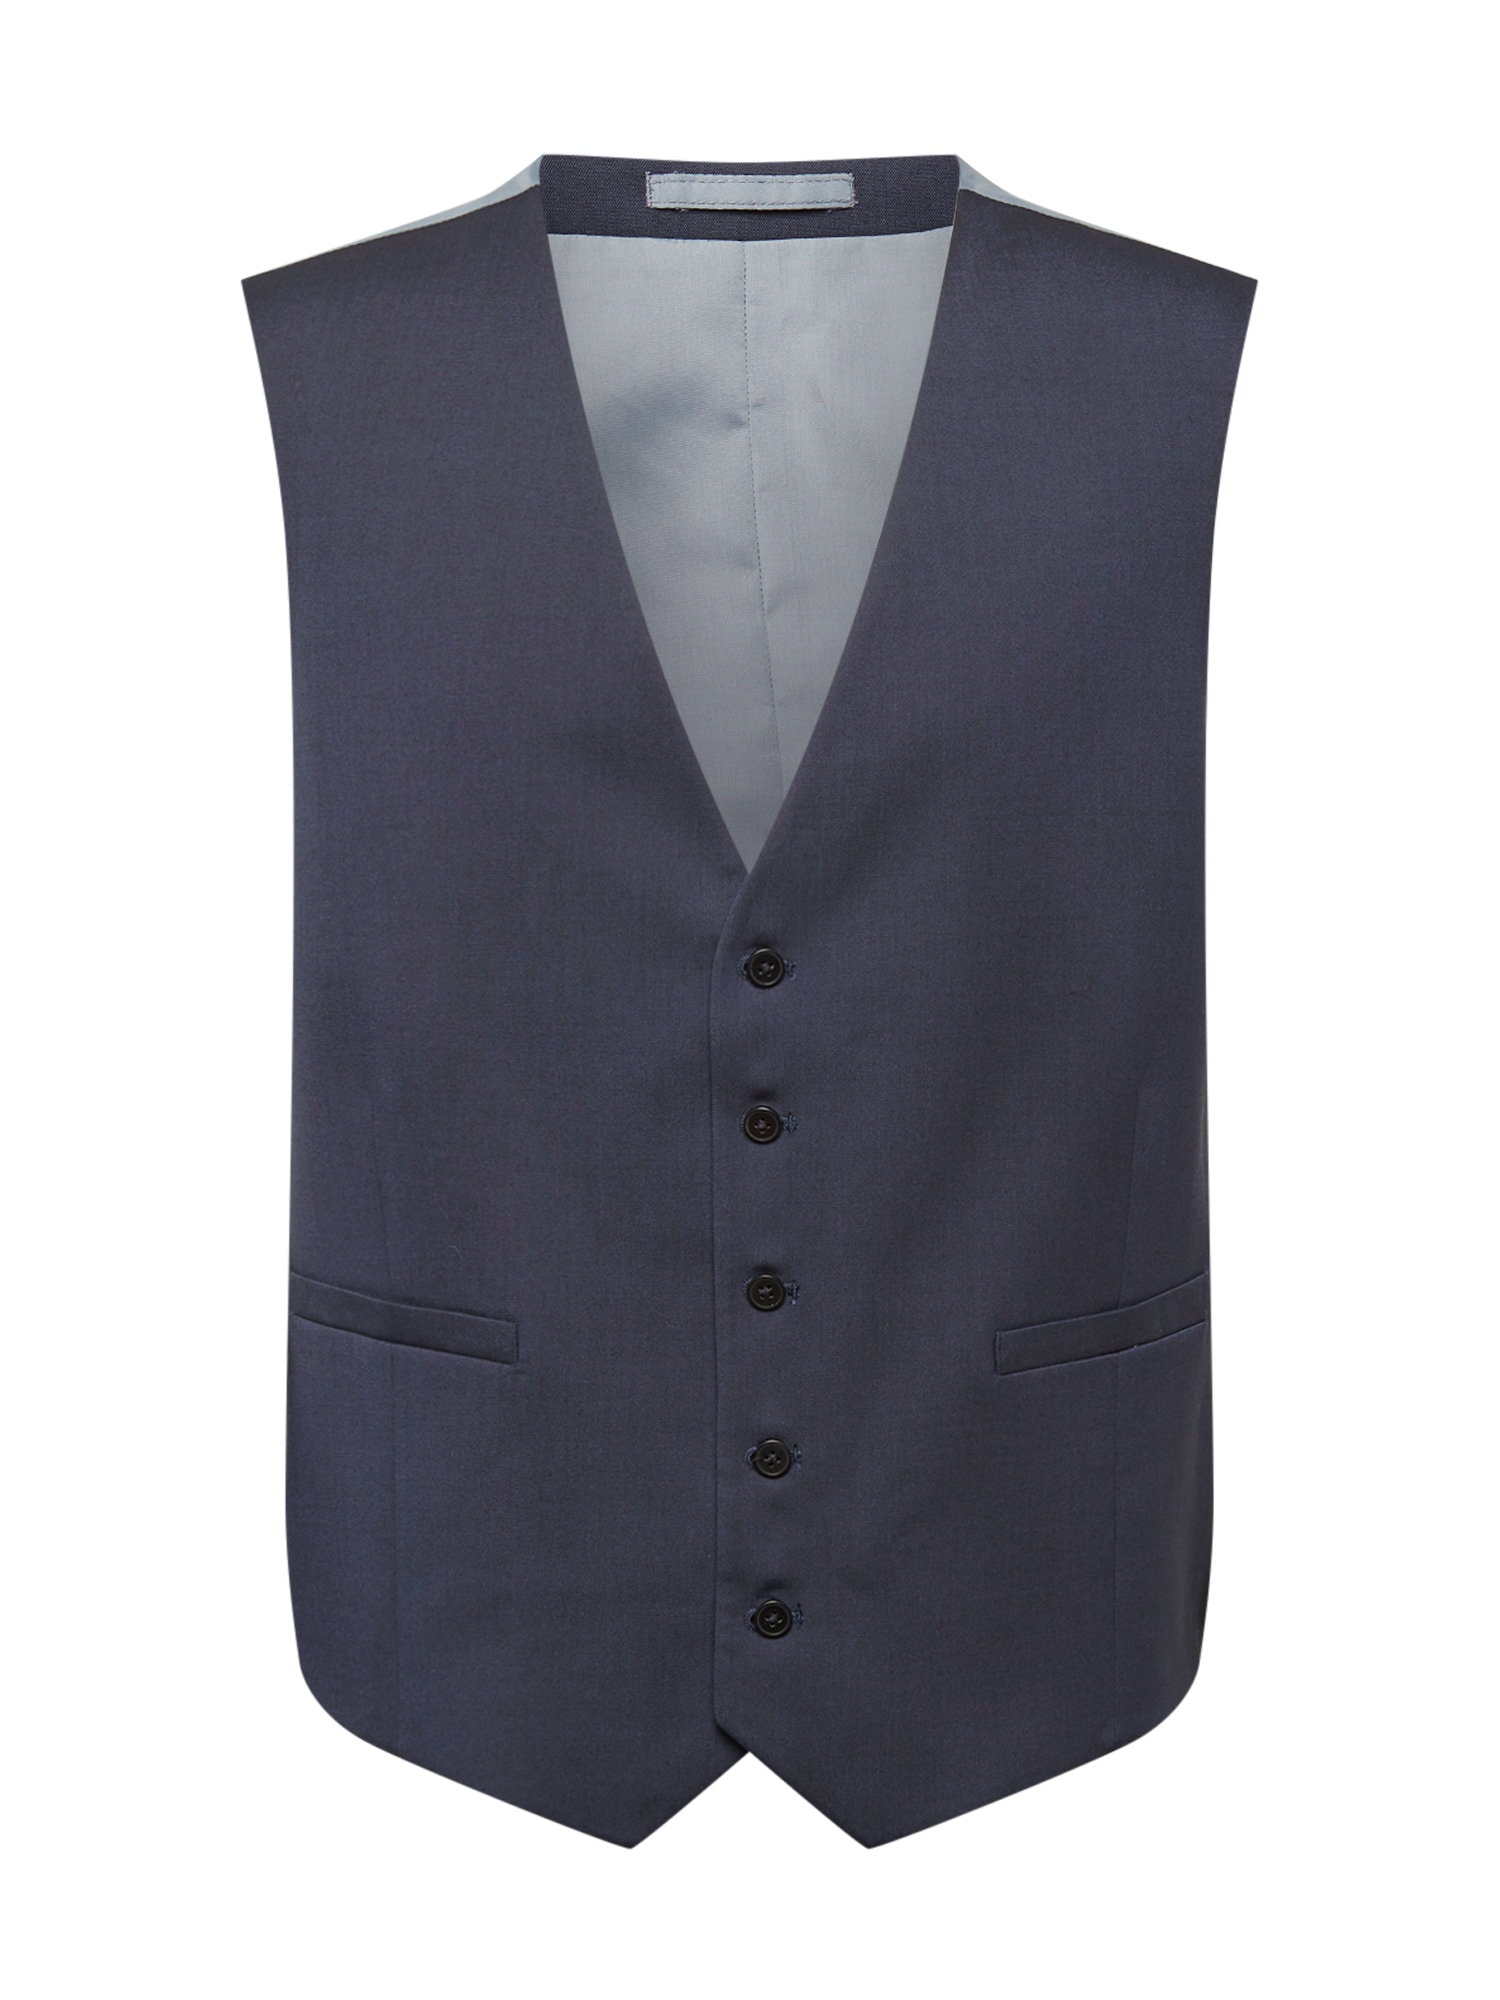 BURTON MENSWEAR LONDON Kostiuminė liemenė 'Essential' melsvai pilka / tamsiai mėlyna